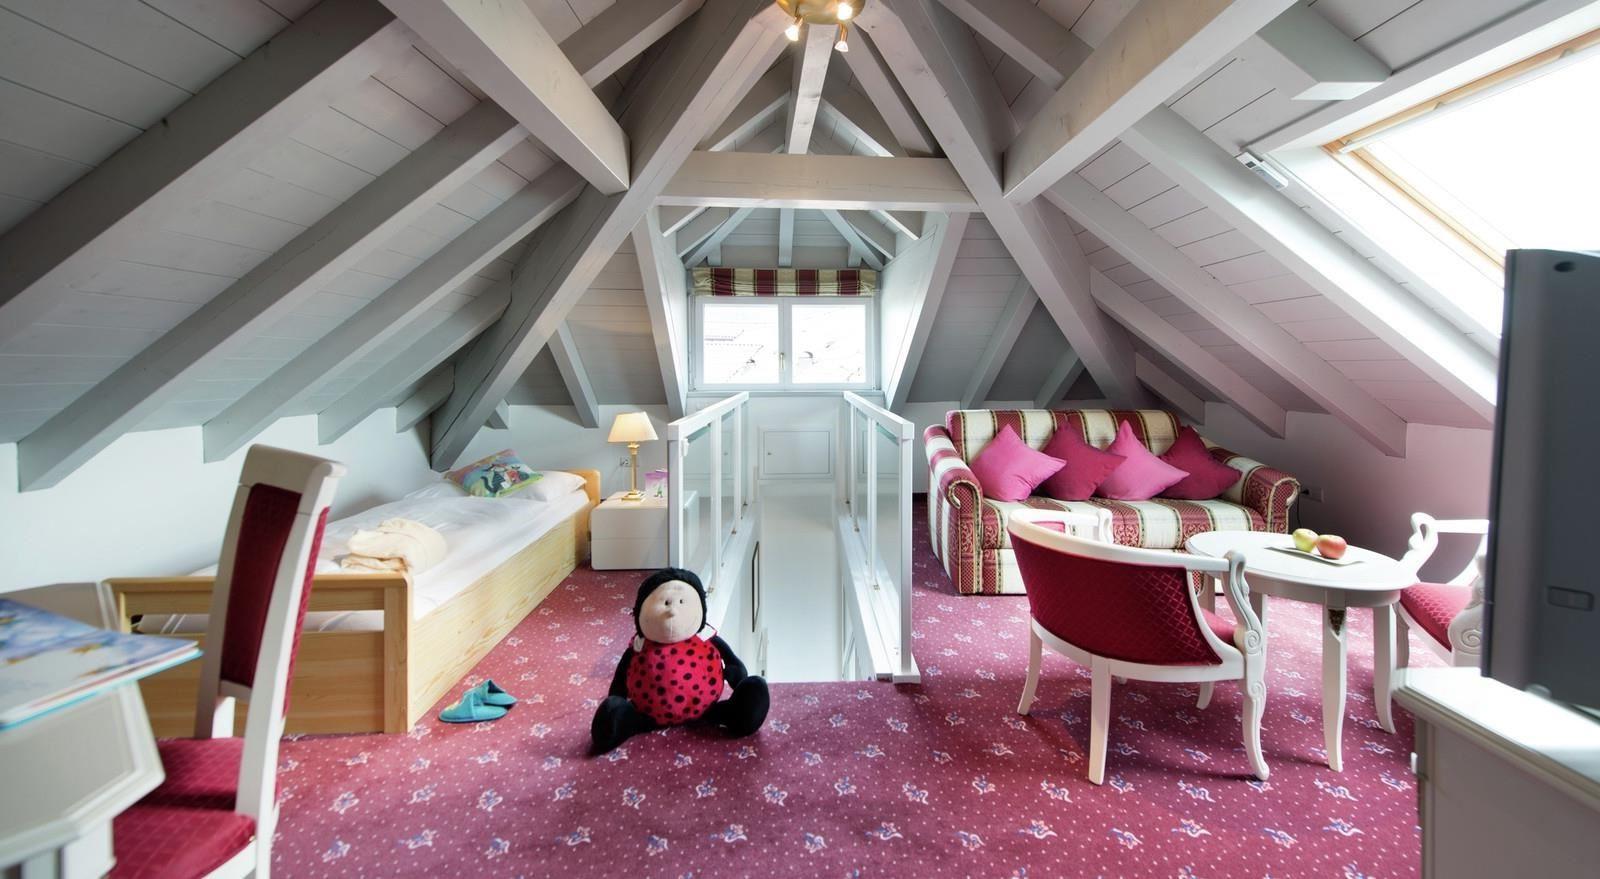 Chambre d'enfant aux accents blancs et roses.